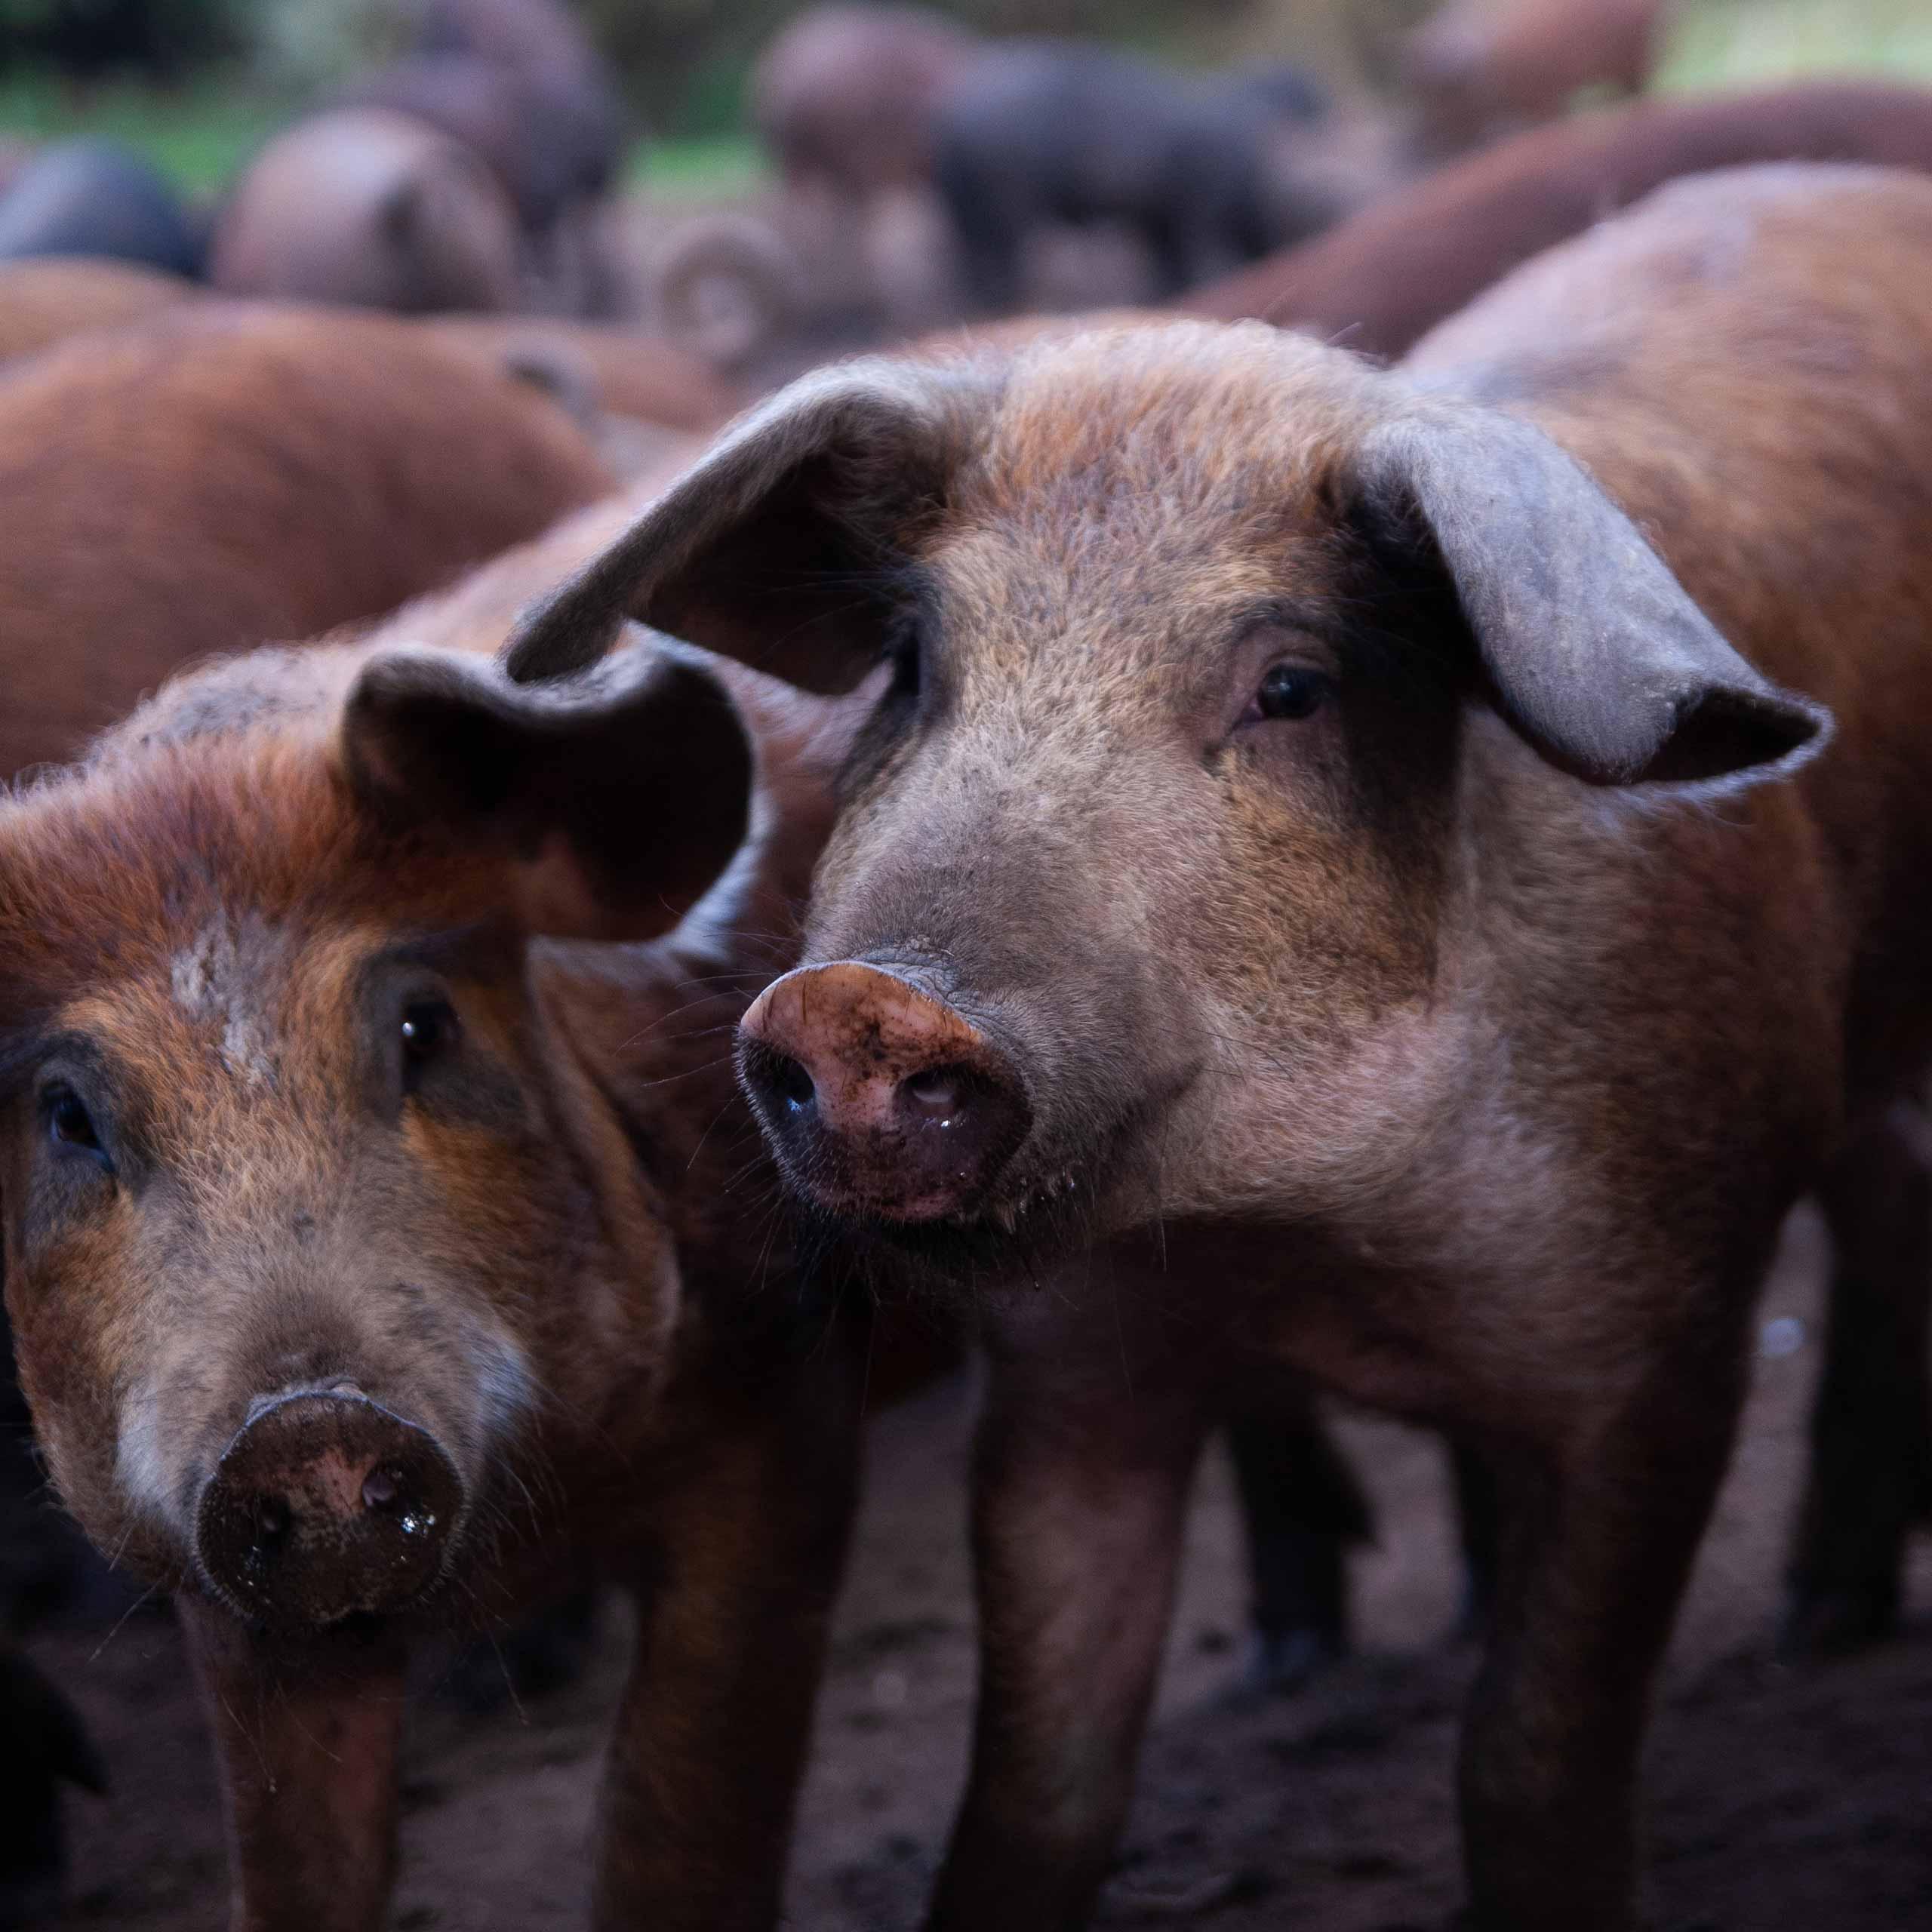 HindsholmGrisen's Pursuit of Ethical Animal Husbandry